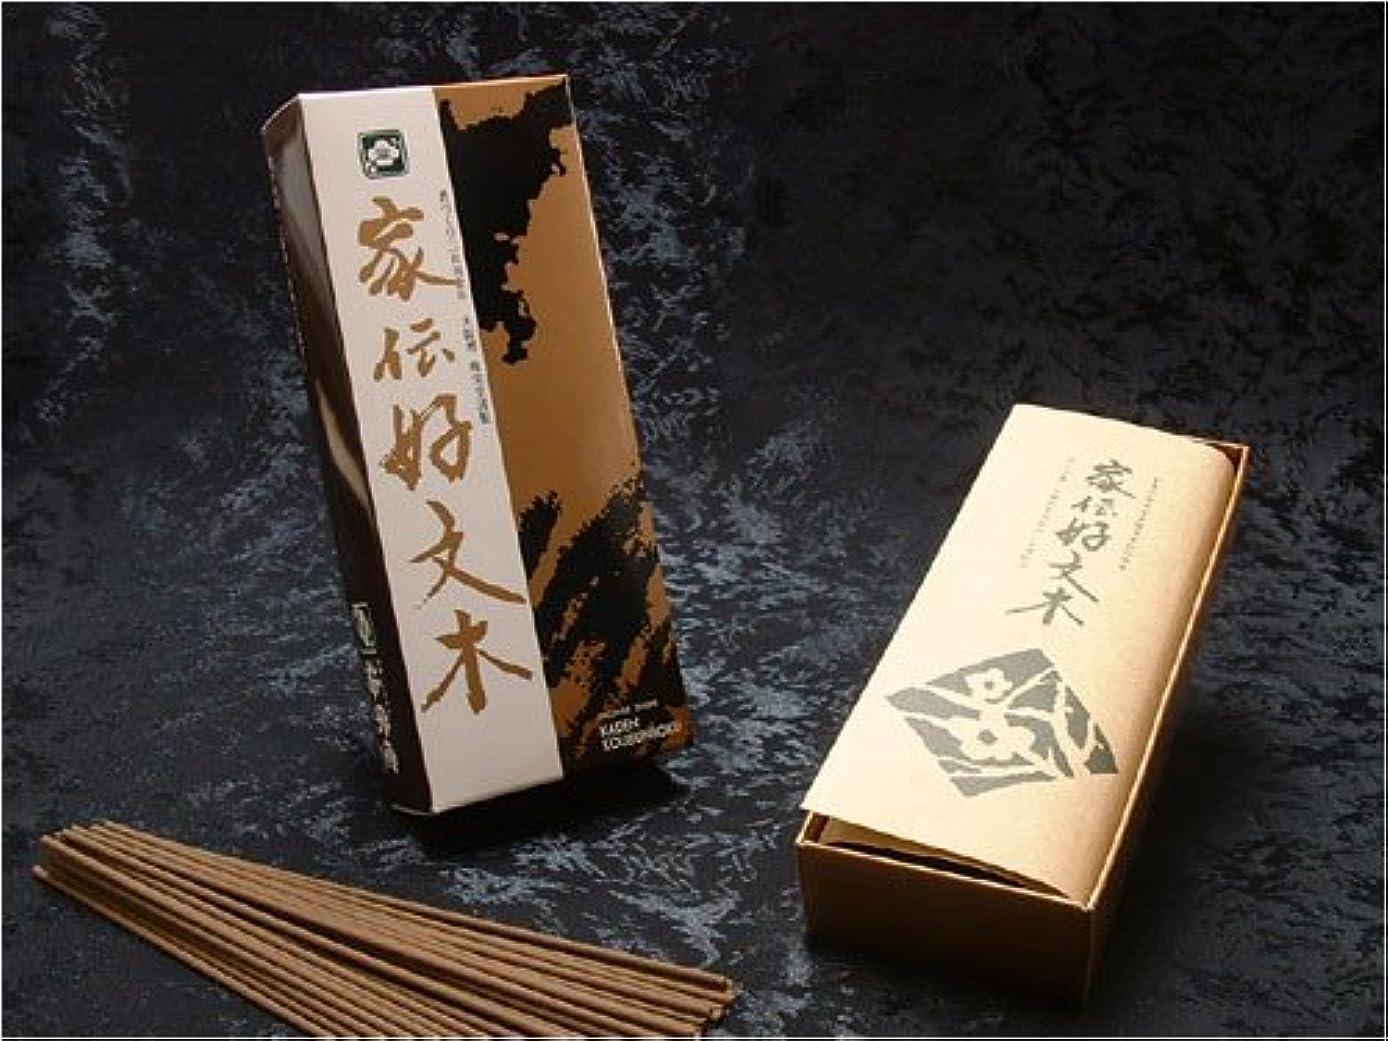 く約設定伝記梅栄堂のお線香 家伝好文木 短寸小型バラ詰